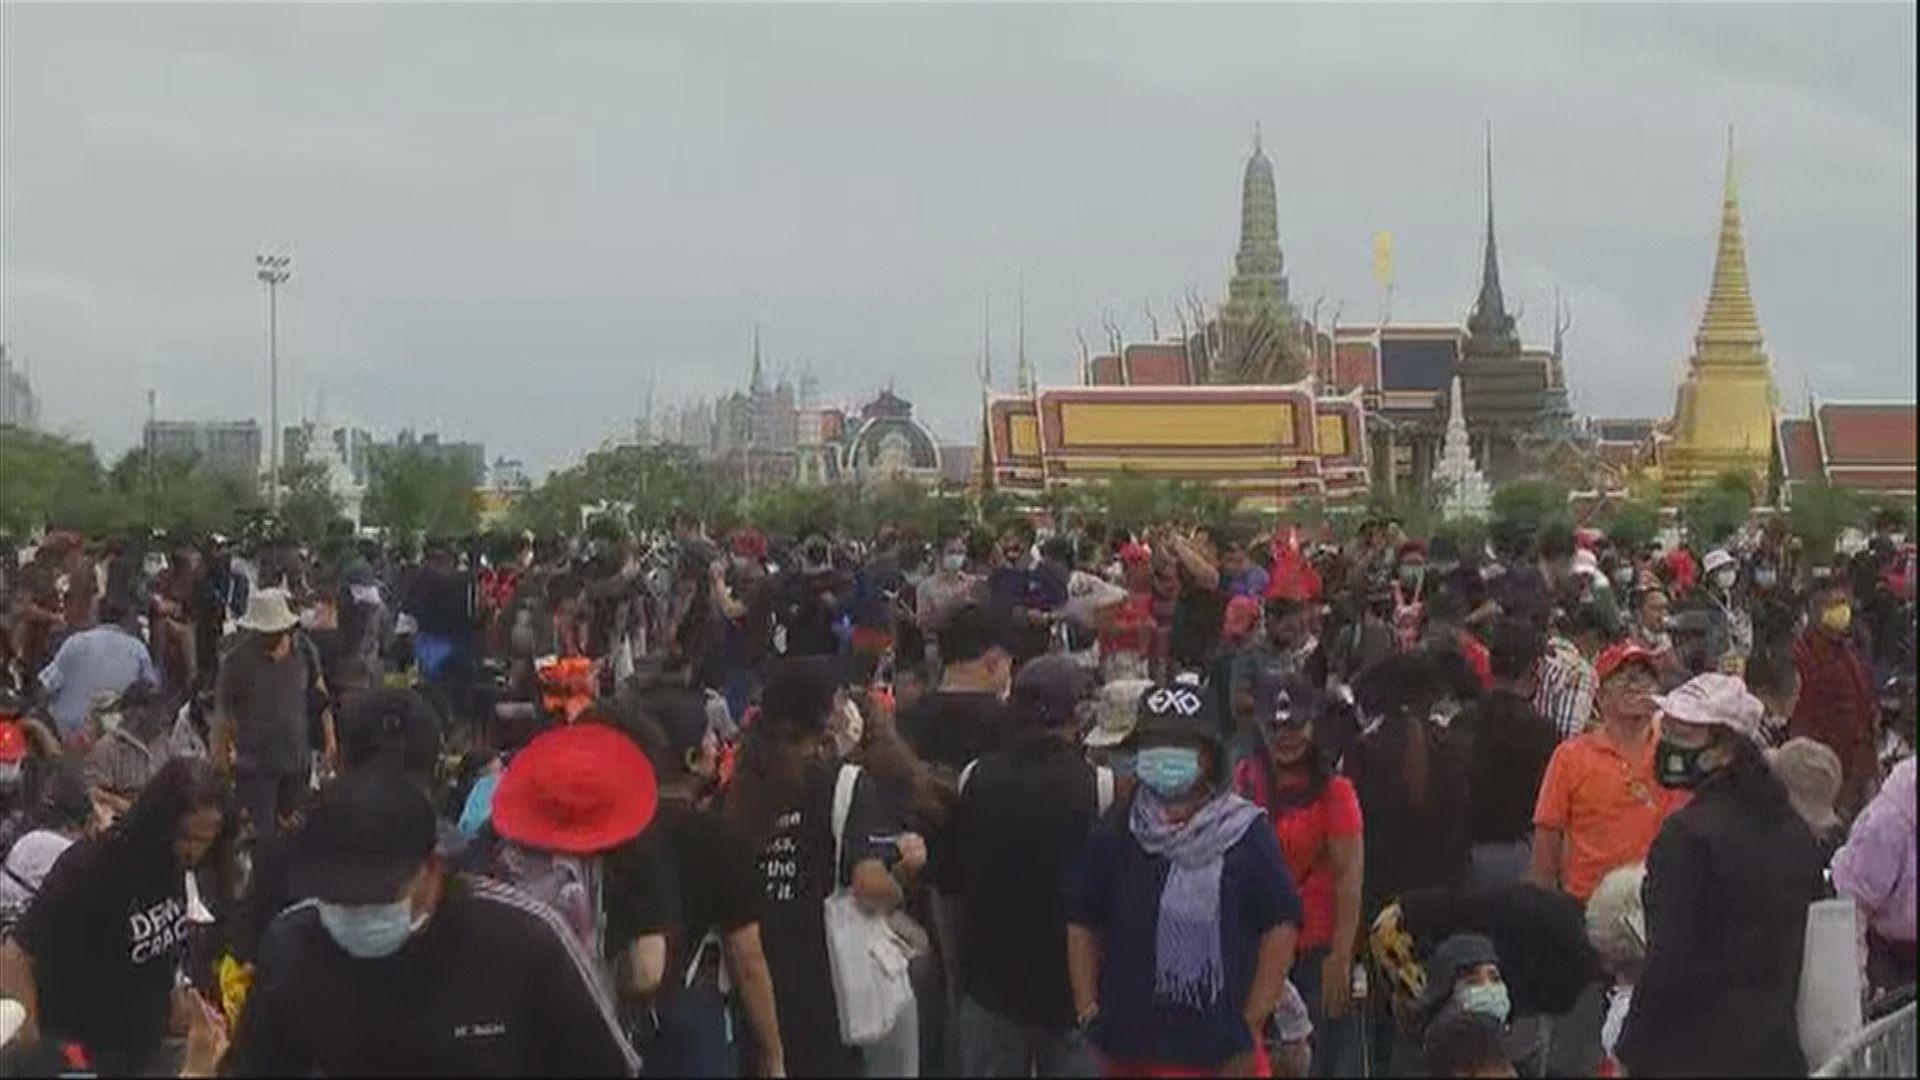 泰國大型反政府示威持續 民眾通宵留守